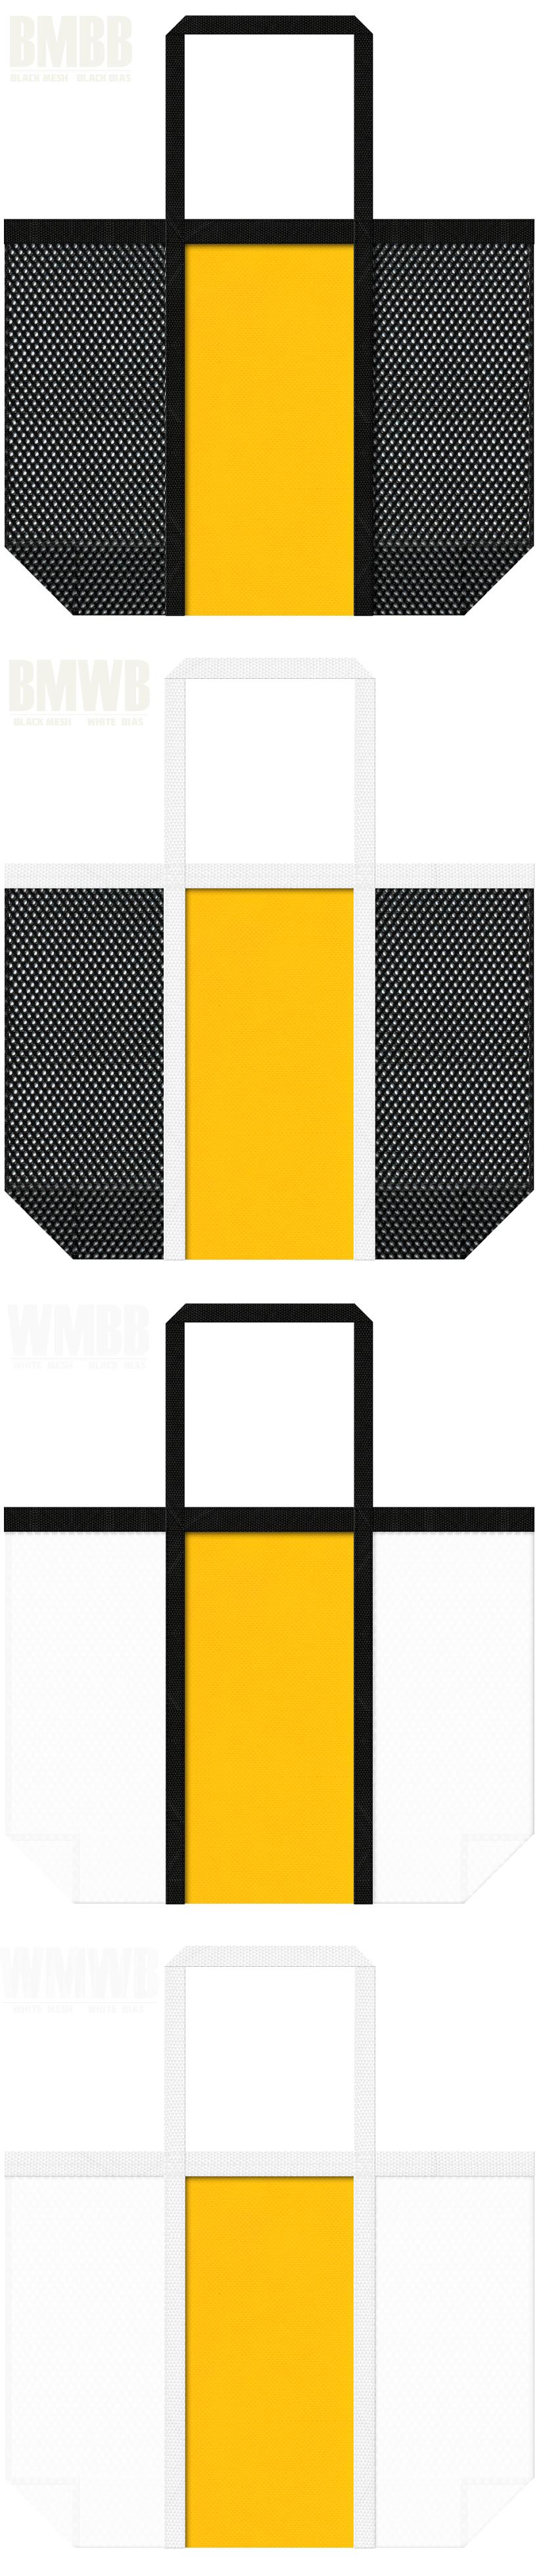 台形型メッシュバッグのカラーシミュレーション:黒色・白色メッシュと黄色不織布の組み合わせ